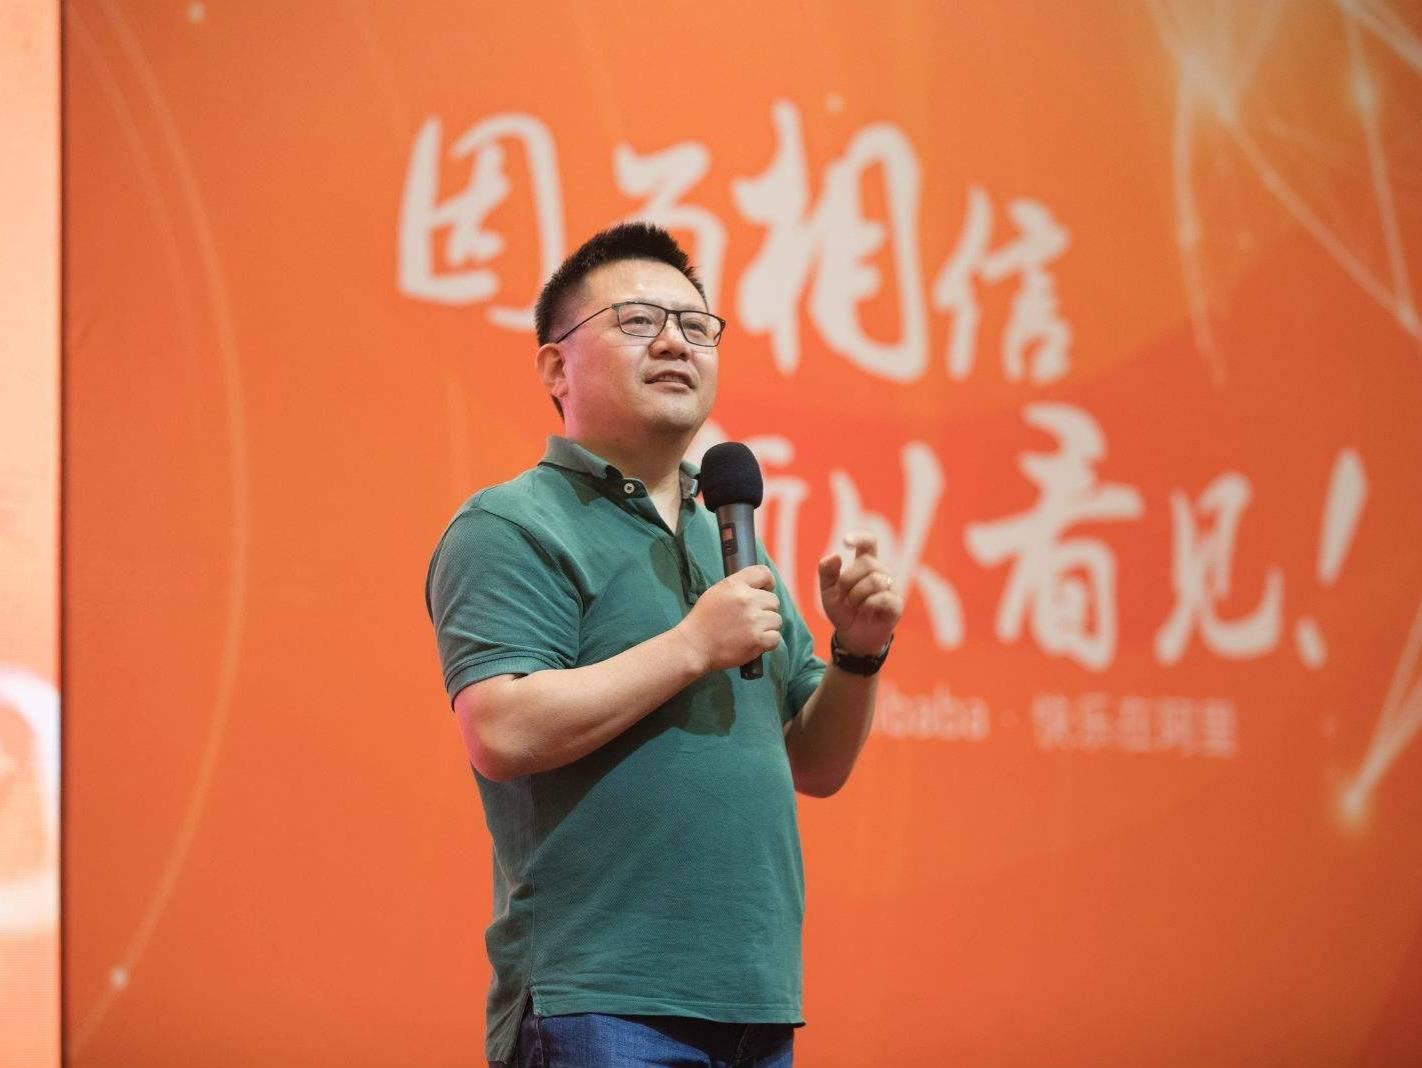 传俞永福将离职创业,已获马云批准;俞永福回应:不会离开